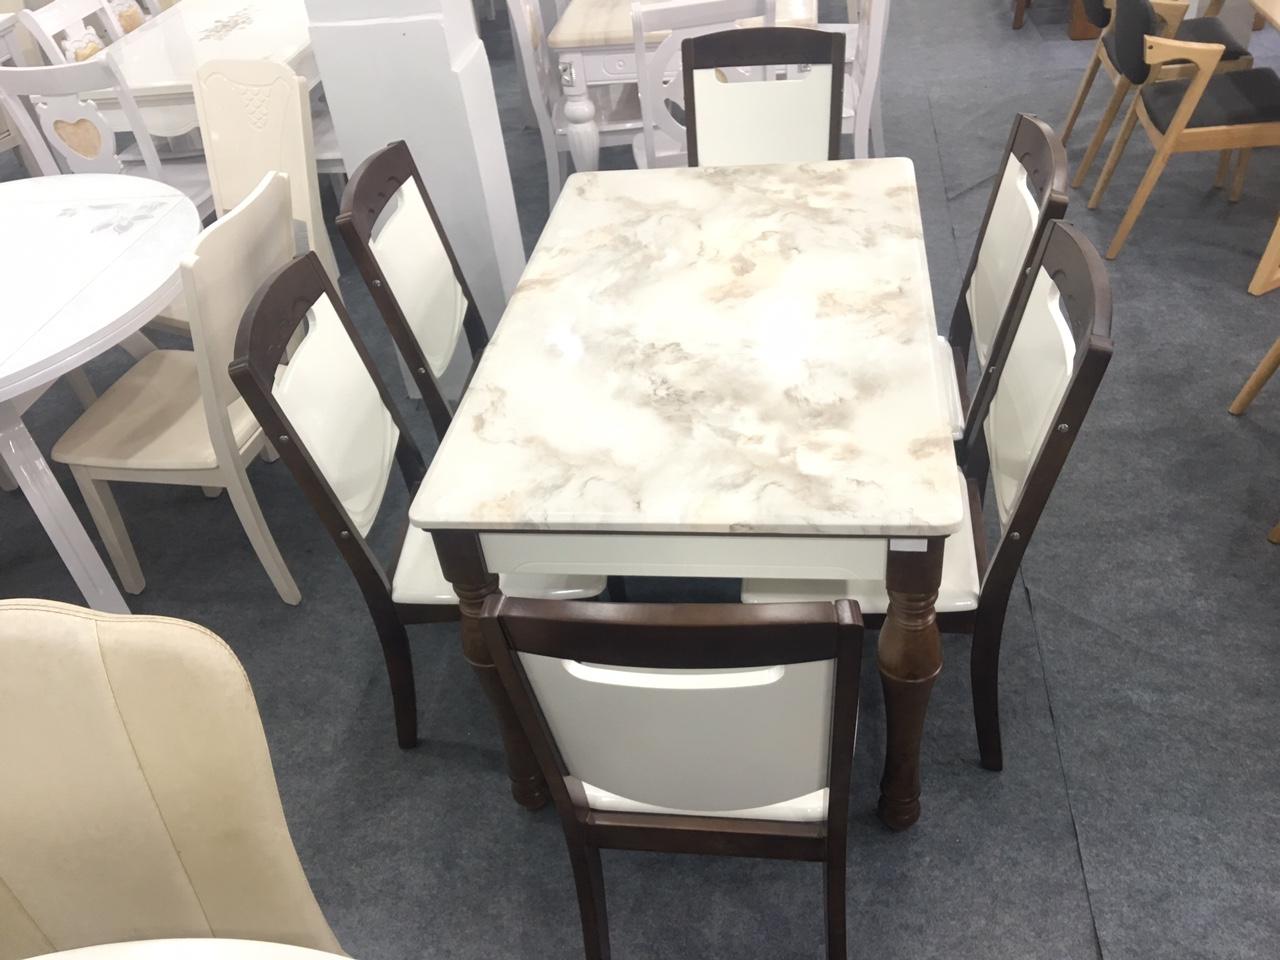 Bàn ăn mặt đá nhập khẩu TD1864 6 ghế 1M3 cho chung cư